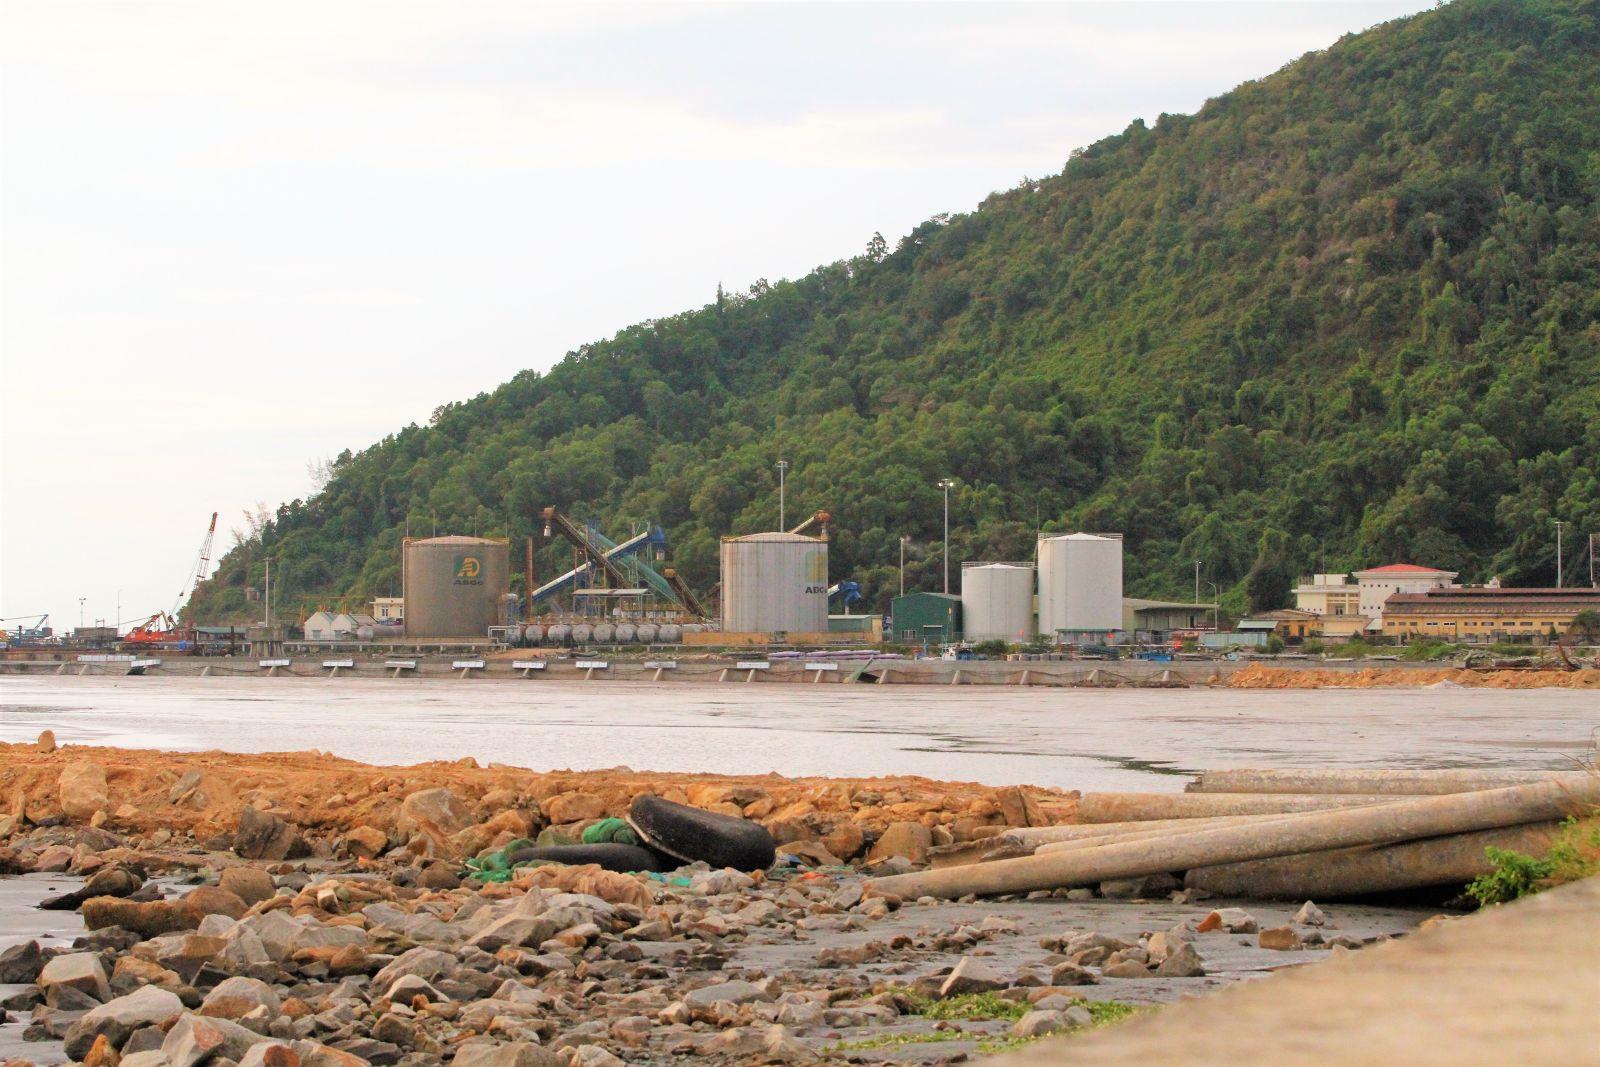 Khu kinh tế Chân Mây - Lăng Cô, Thừa Thiên – Huế được quy hoạch hình thành nhiều trung tâm logistics